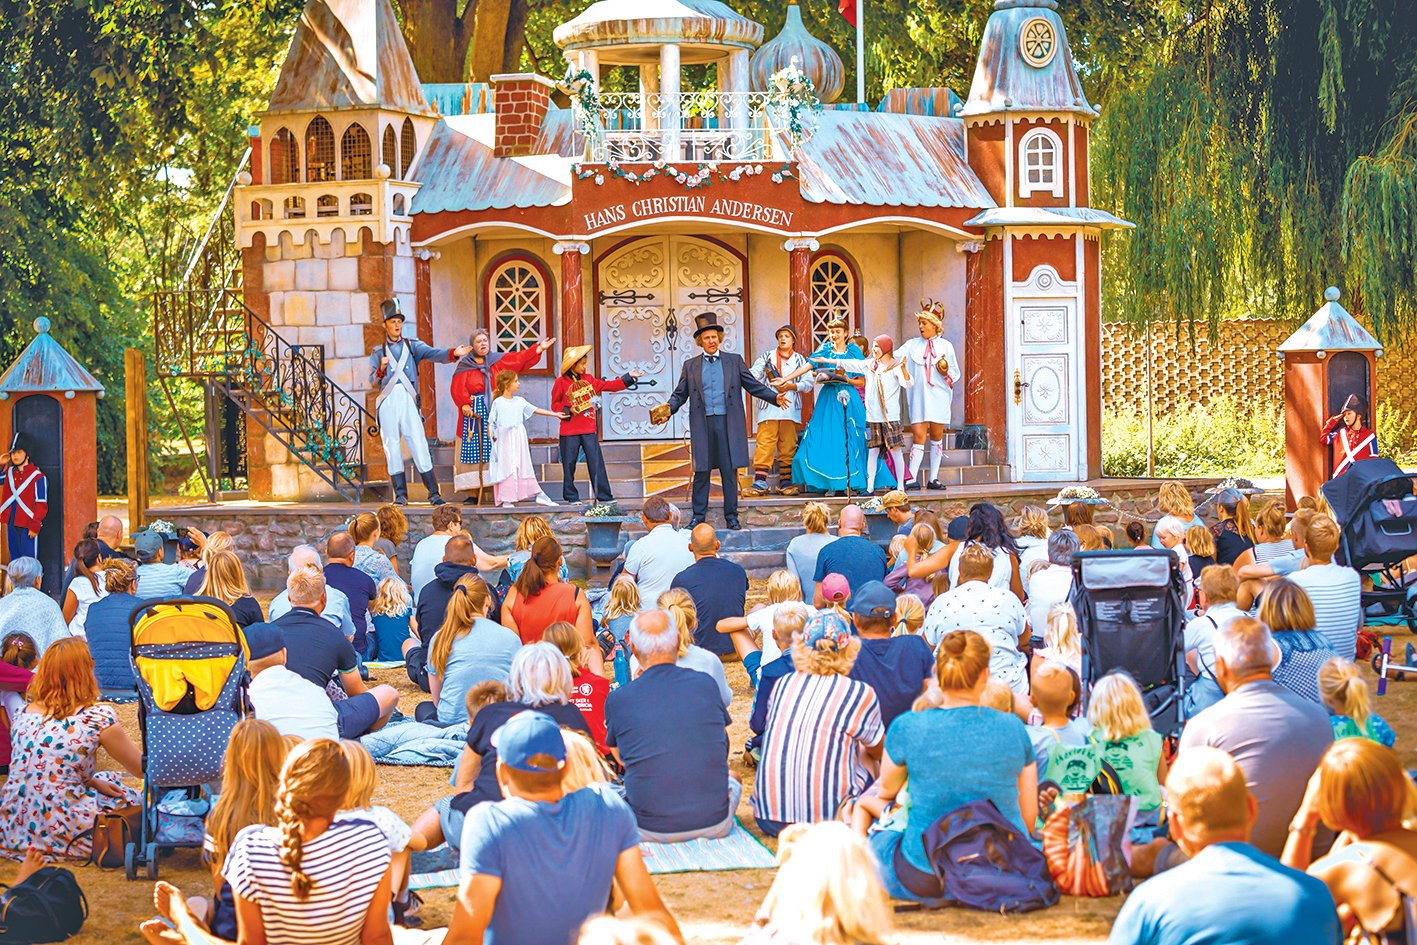 夏季裏,露天舞台每日上演安徒生的童話故事。